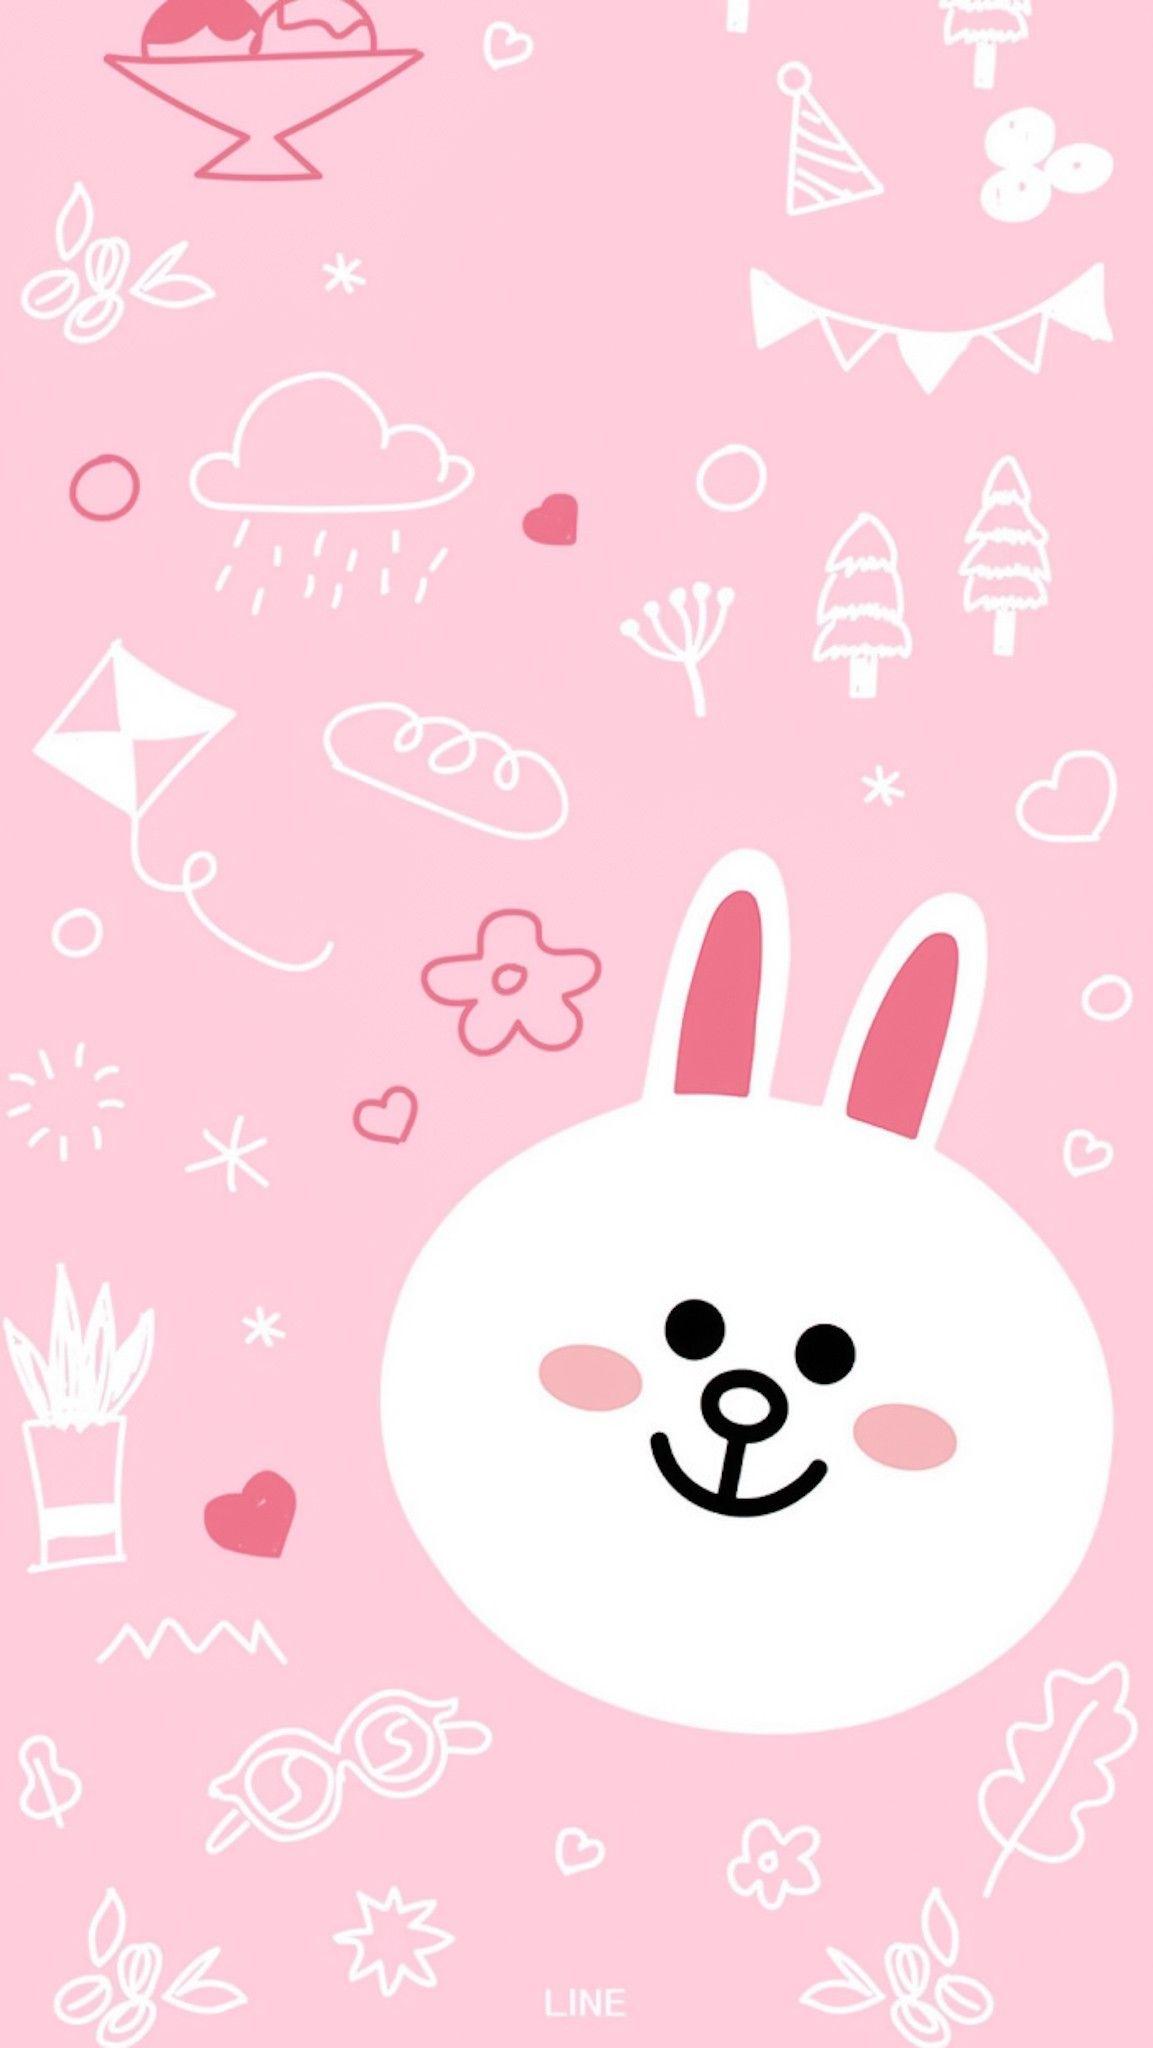 Pin Oleh Aekkalisa Di Brown Pic Di 2021 Kartun Kartun Lucu Latar Belakang Cute cellphone wallpaper images